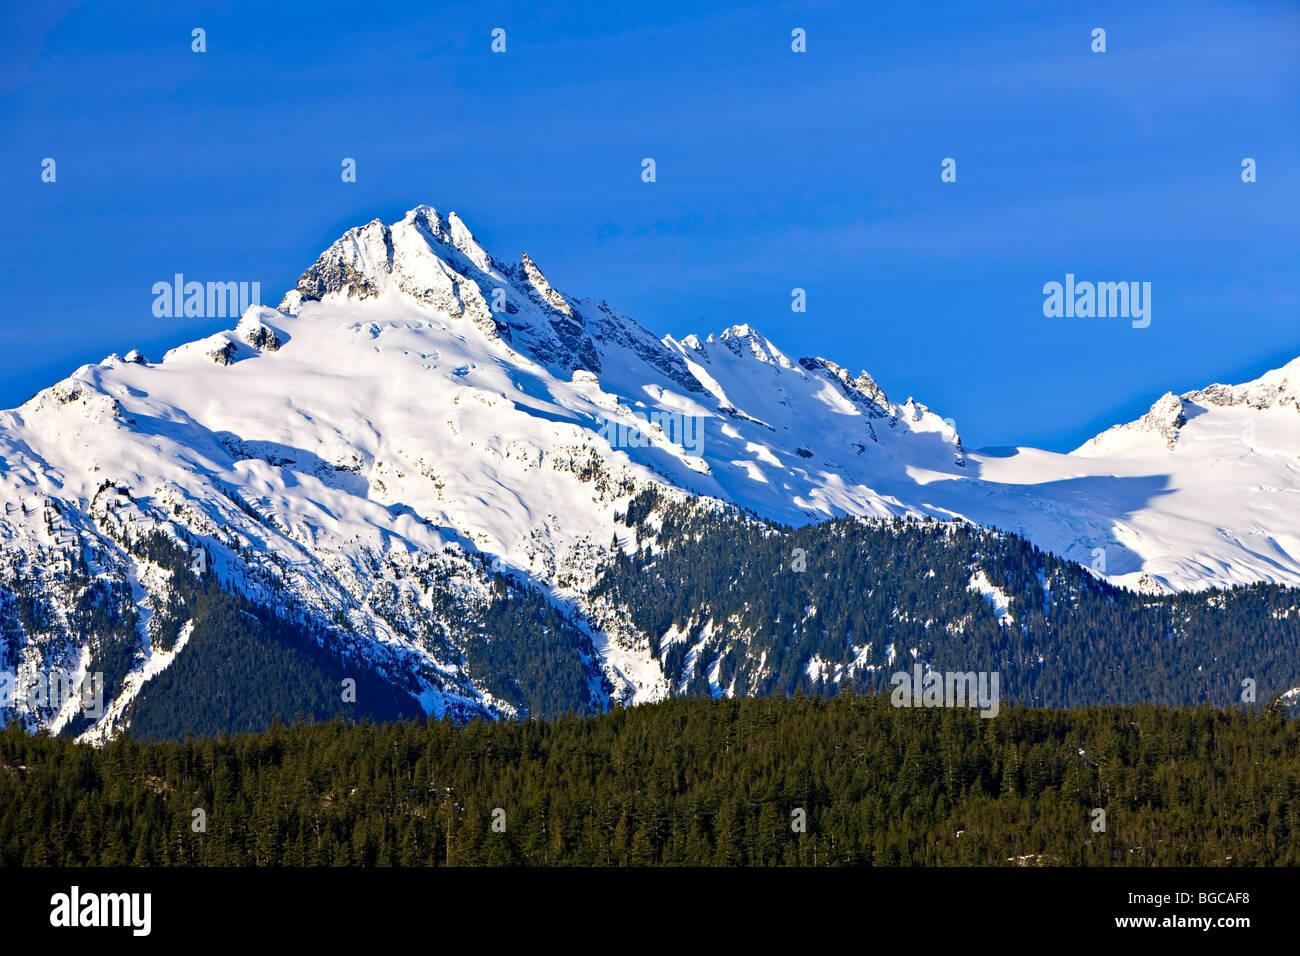 Monte Tantalus (2603 metros/8540 pies), Tantalus Cordillera de la costa, montañas, British Columbia, Canadá. Imagen De Stock